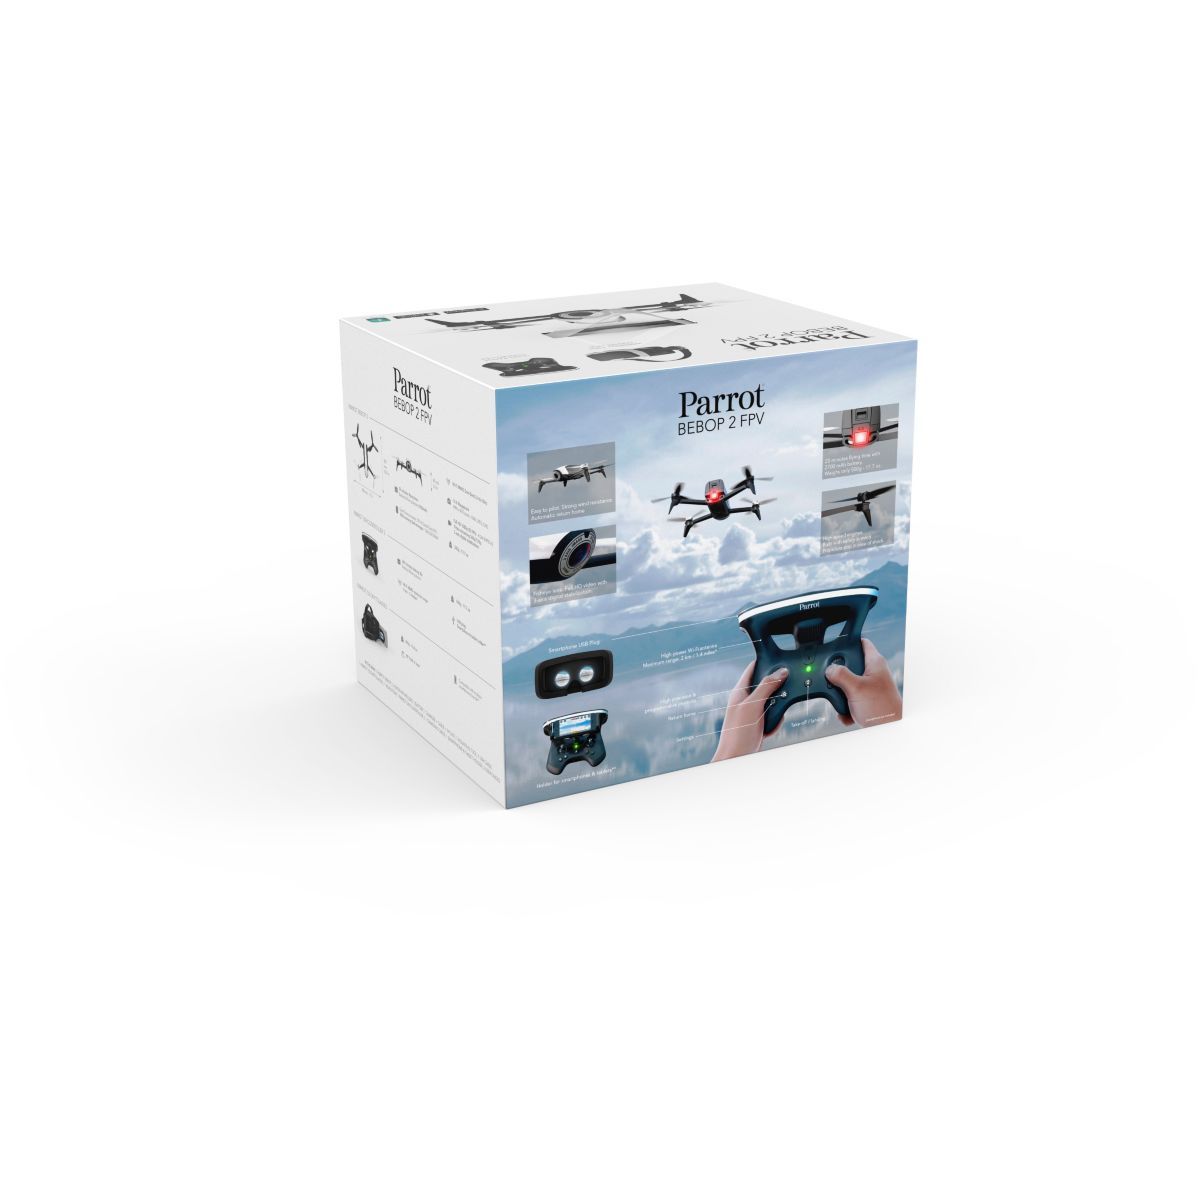 parrot bebop 2 avec pack fpv comparer avec. Black Bedroom Furniture Sets. Home Design Ideas